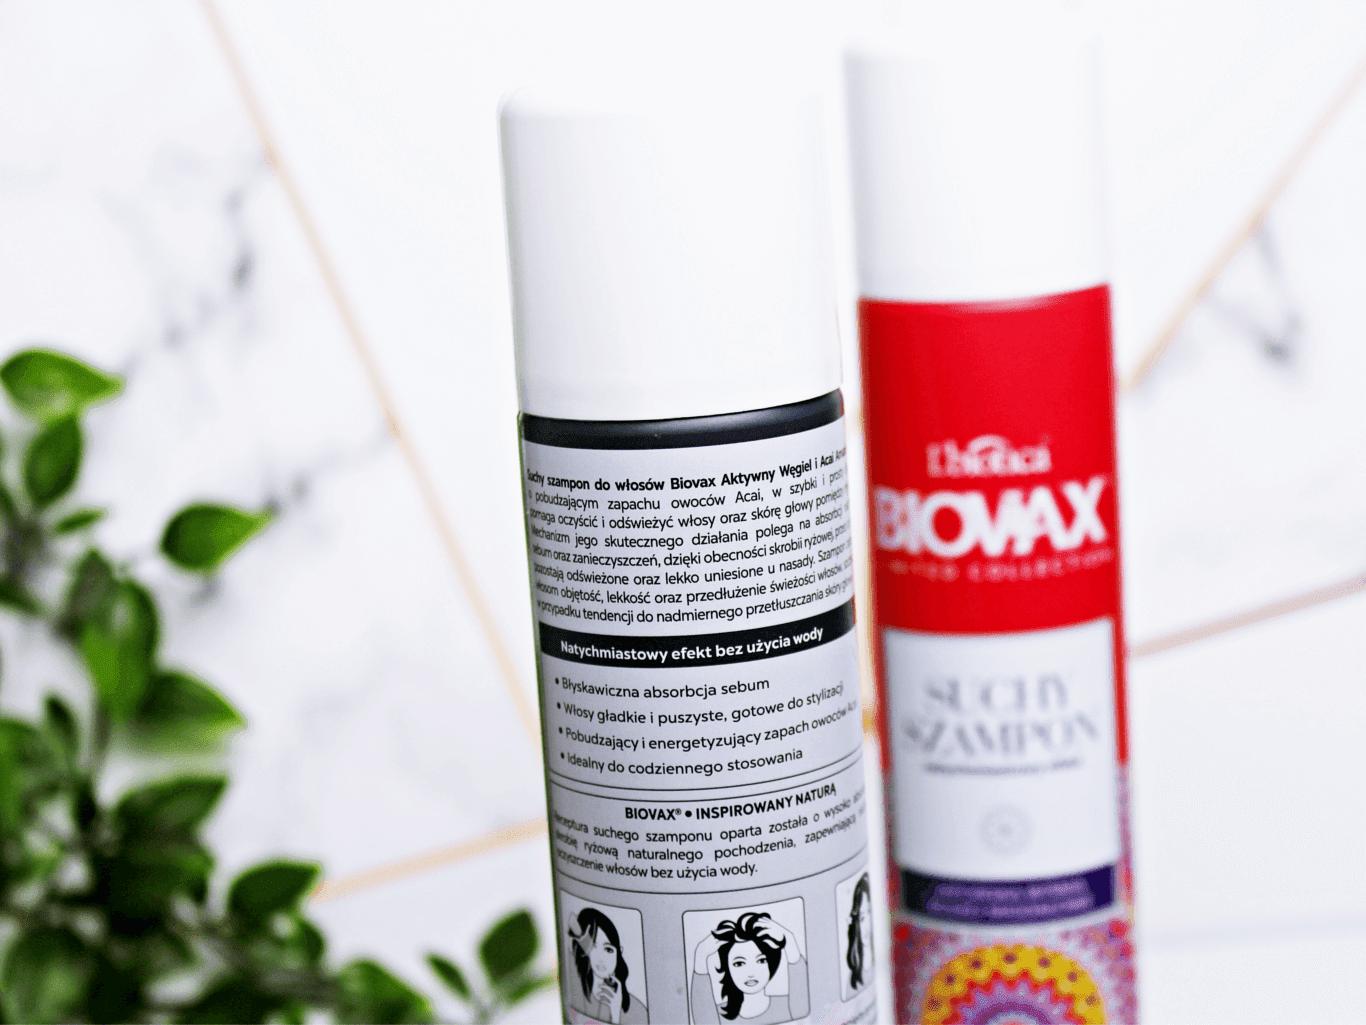 Lbiotica suchy szampon japońska wiśnia i mleko migdałowe Lbiotica suchy szampon aktywny węgiel i acai amazońskie